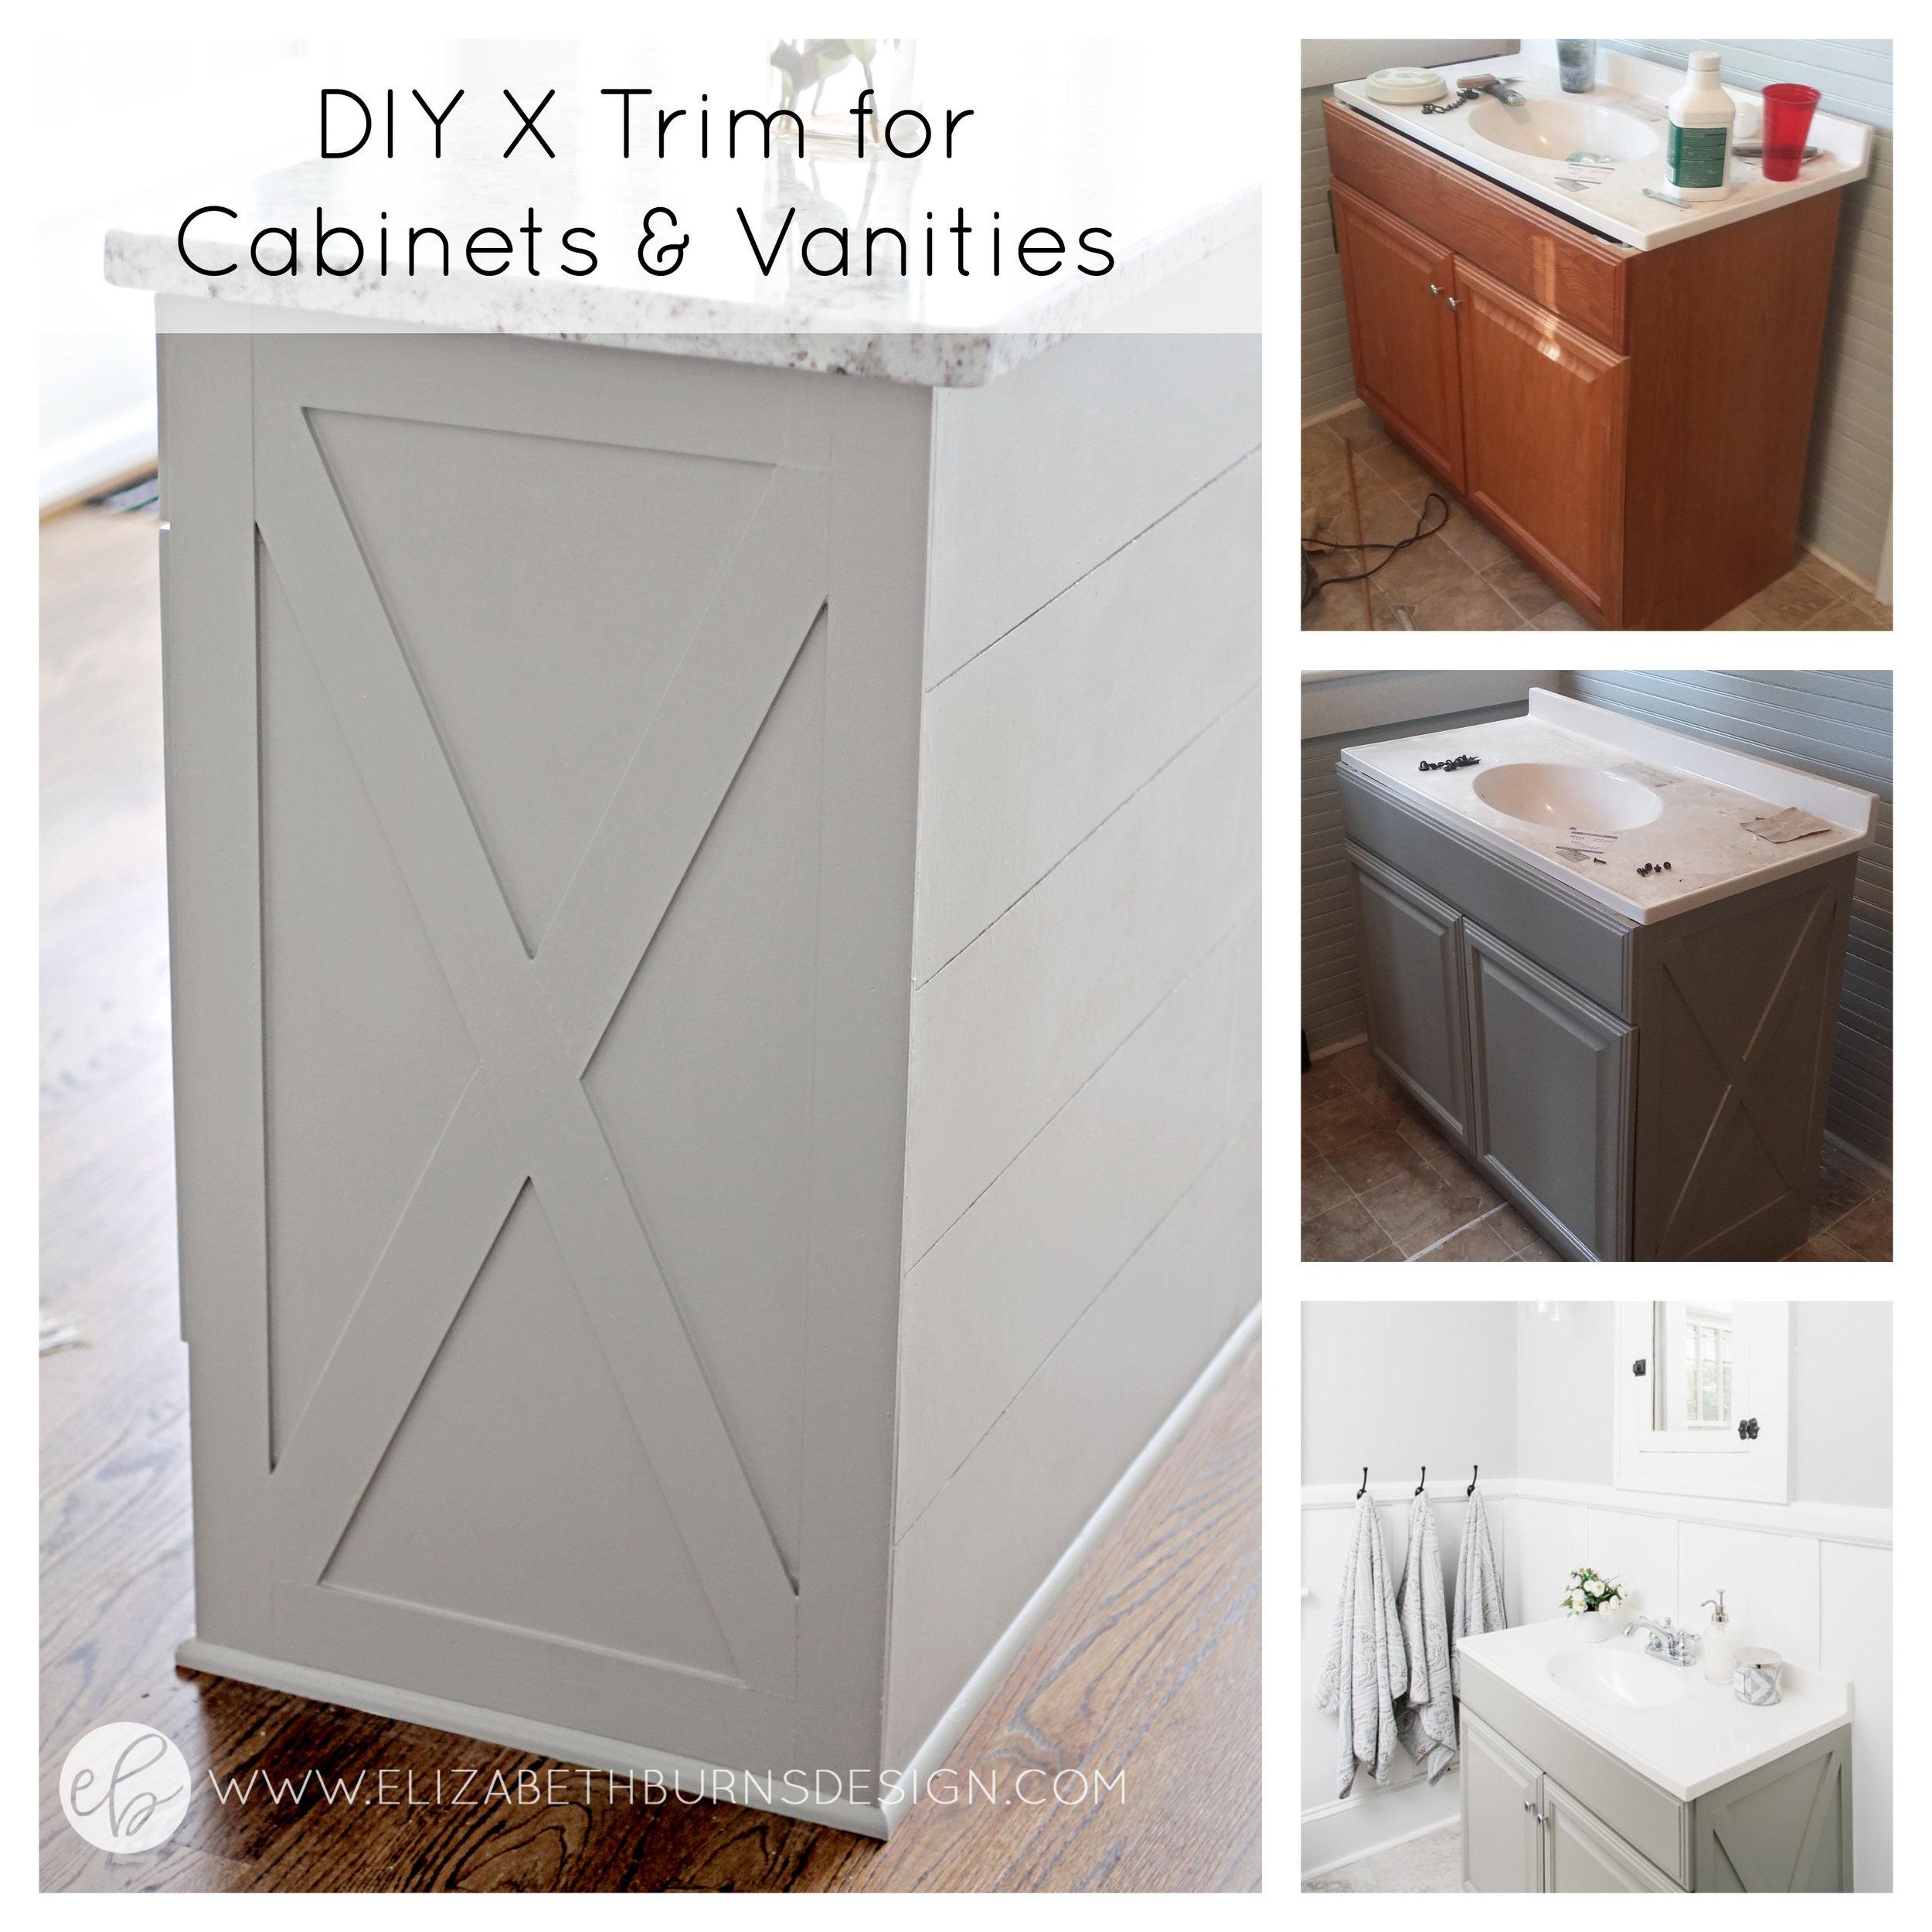 Elizabeth Burns Design | How to Add X Detail to Kitchen Island or Bathroom Vanity, Cheap Kitchen DIY